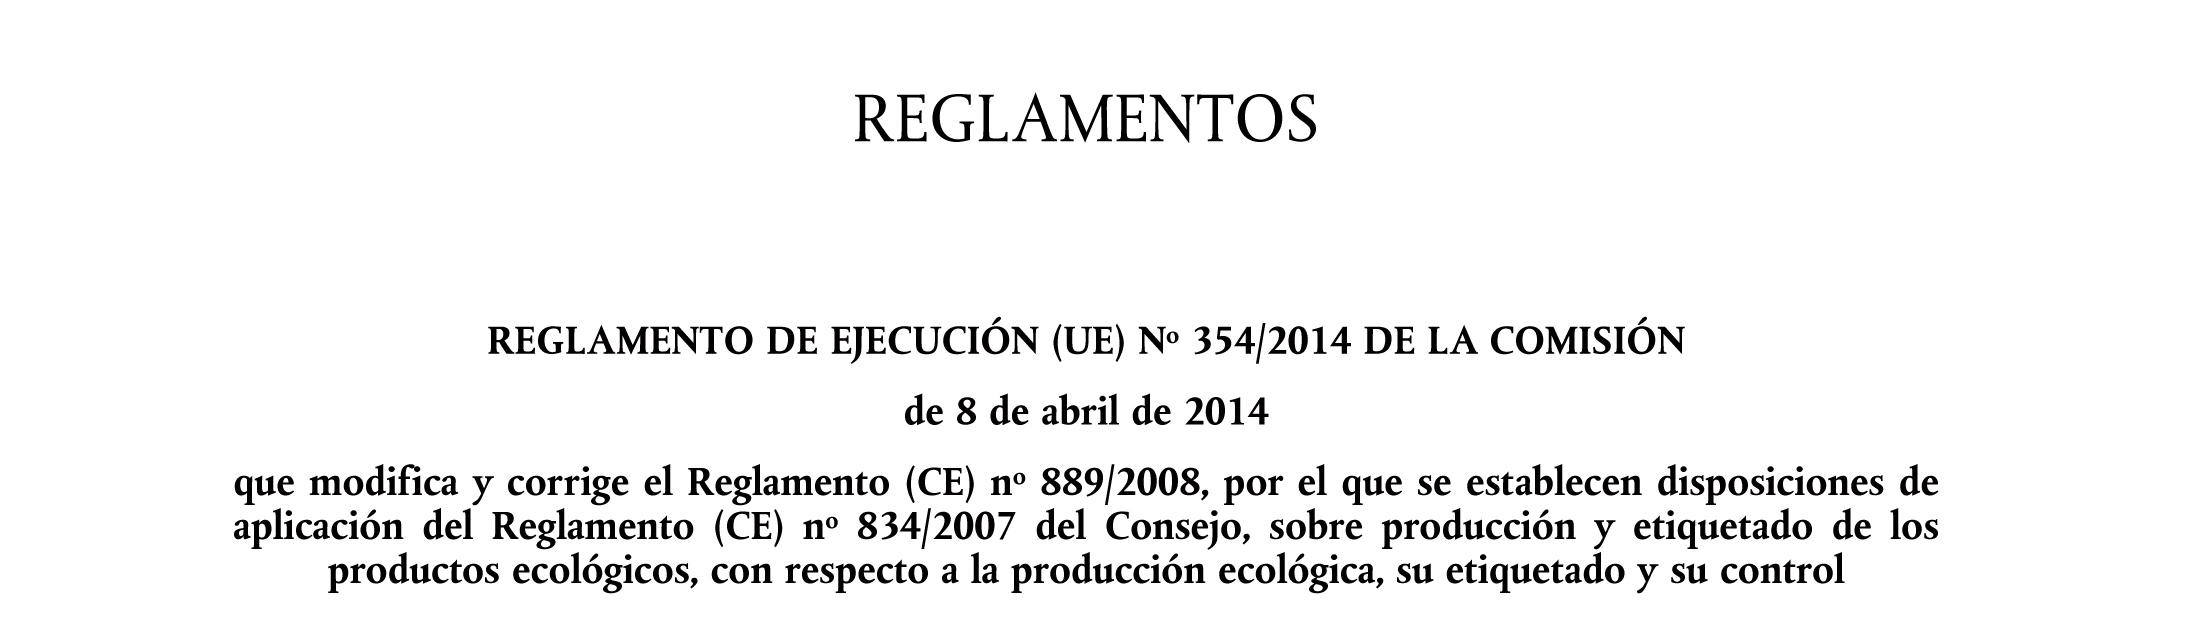 Agricultura Ecológica Nuevo Reglamento Nueva Aberración